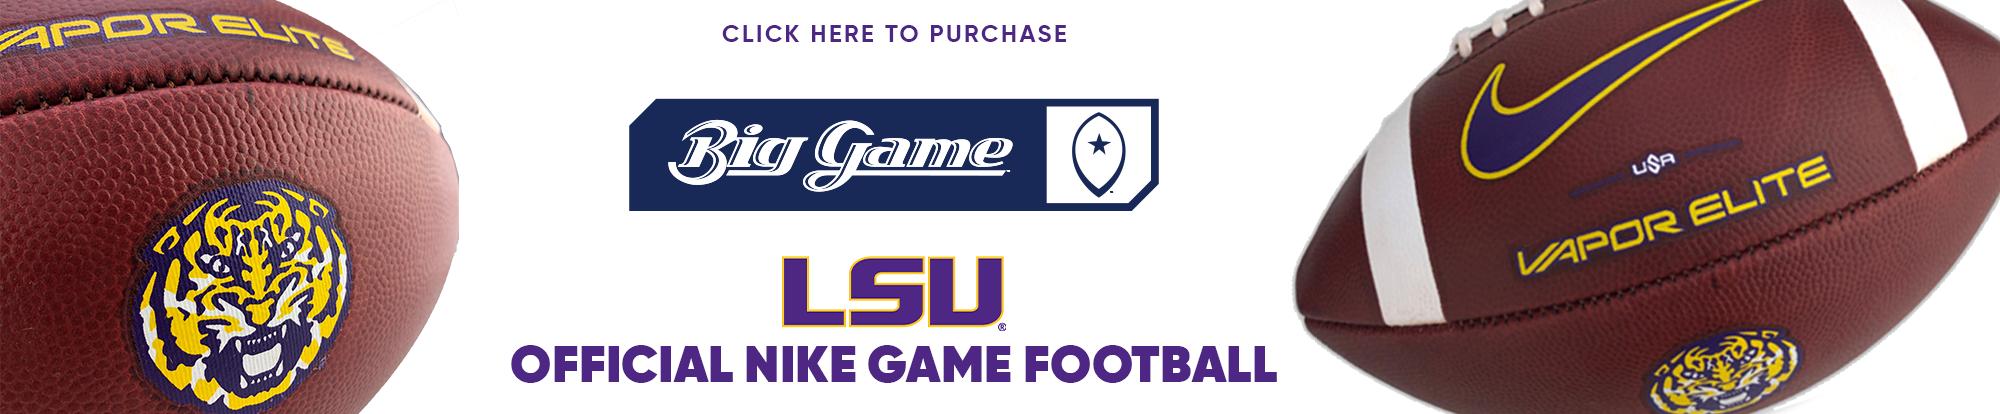 BIG GAME USA - OFFICIAL LSU NIKE GAME FOOTBALL